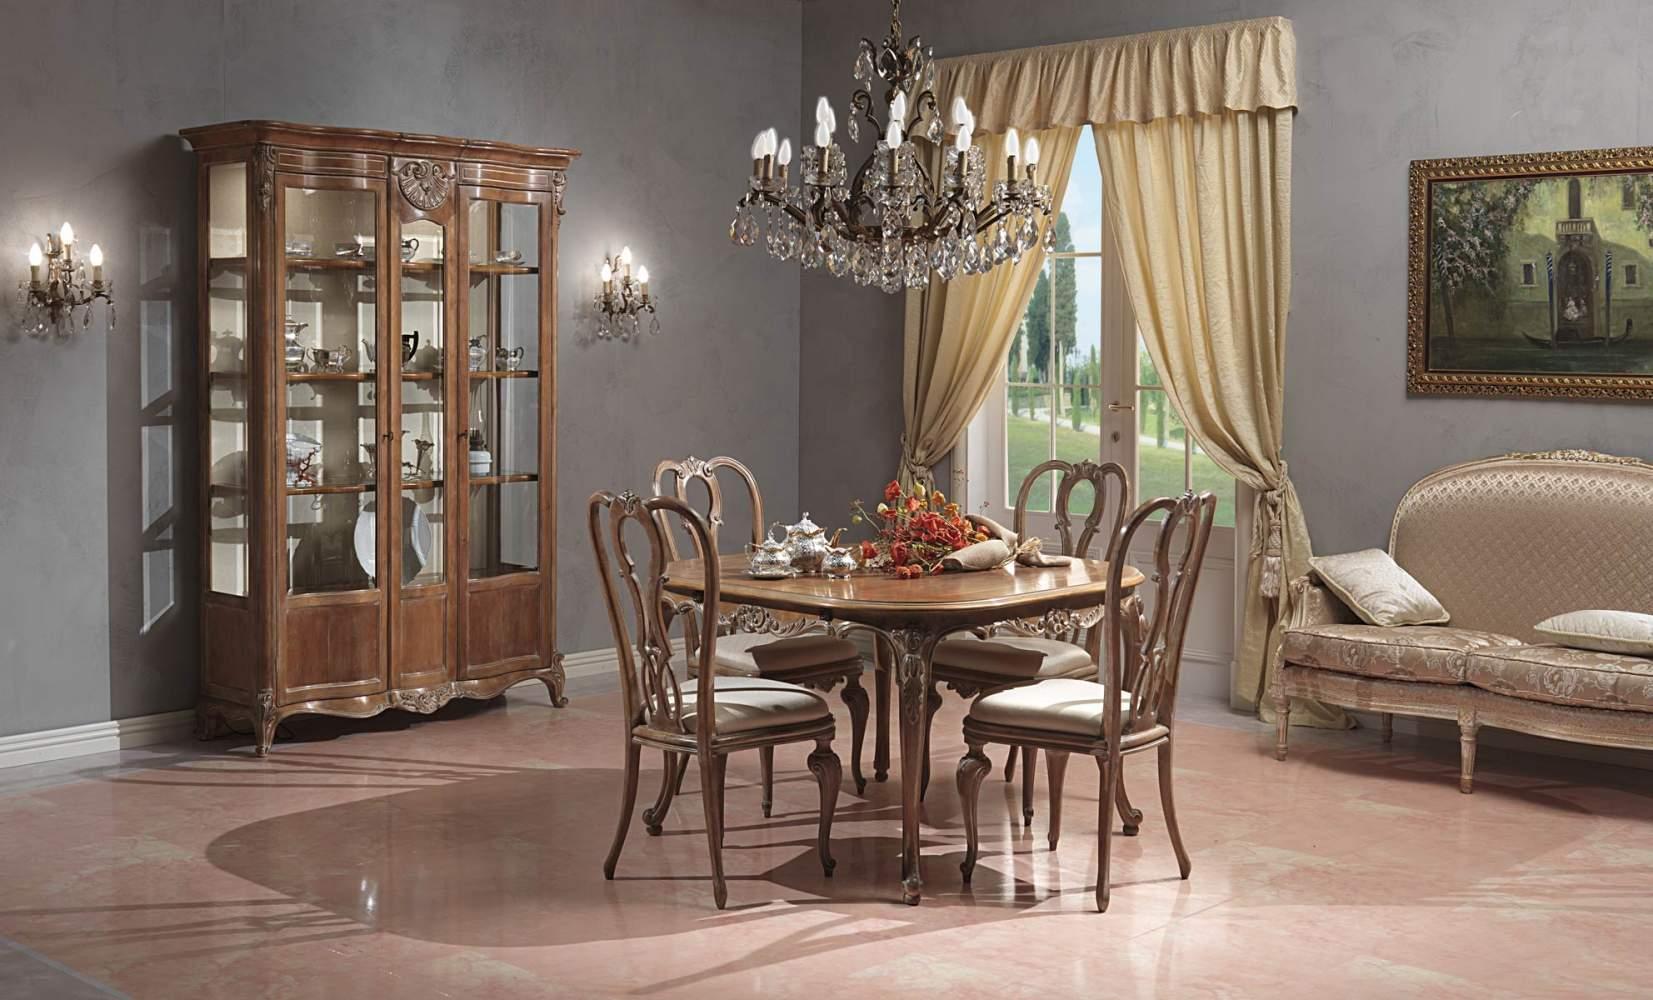 Sala Da Pranzo Luigi XV Parigi Vimercati Meda #8E5A3D 1653 1000 Zara Home Sala Da Pranzo